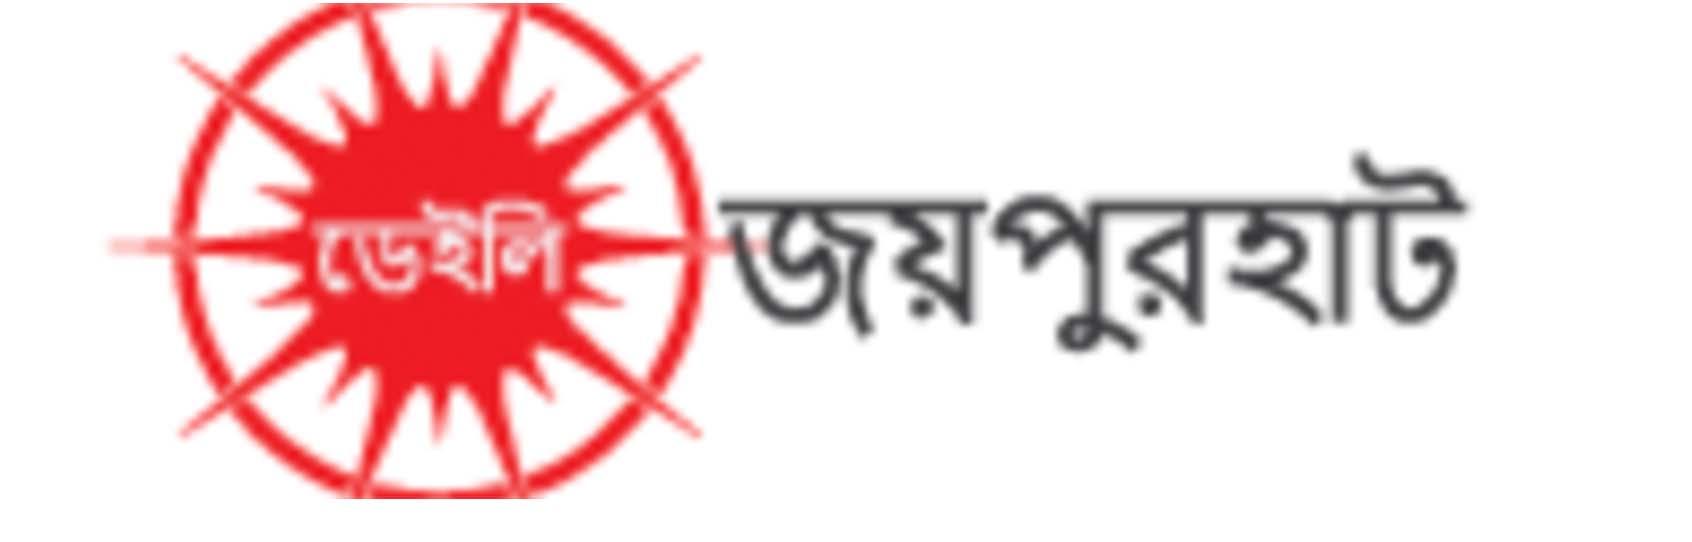 Daily Joypurhat